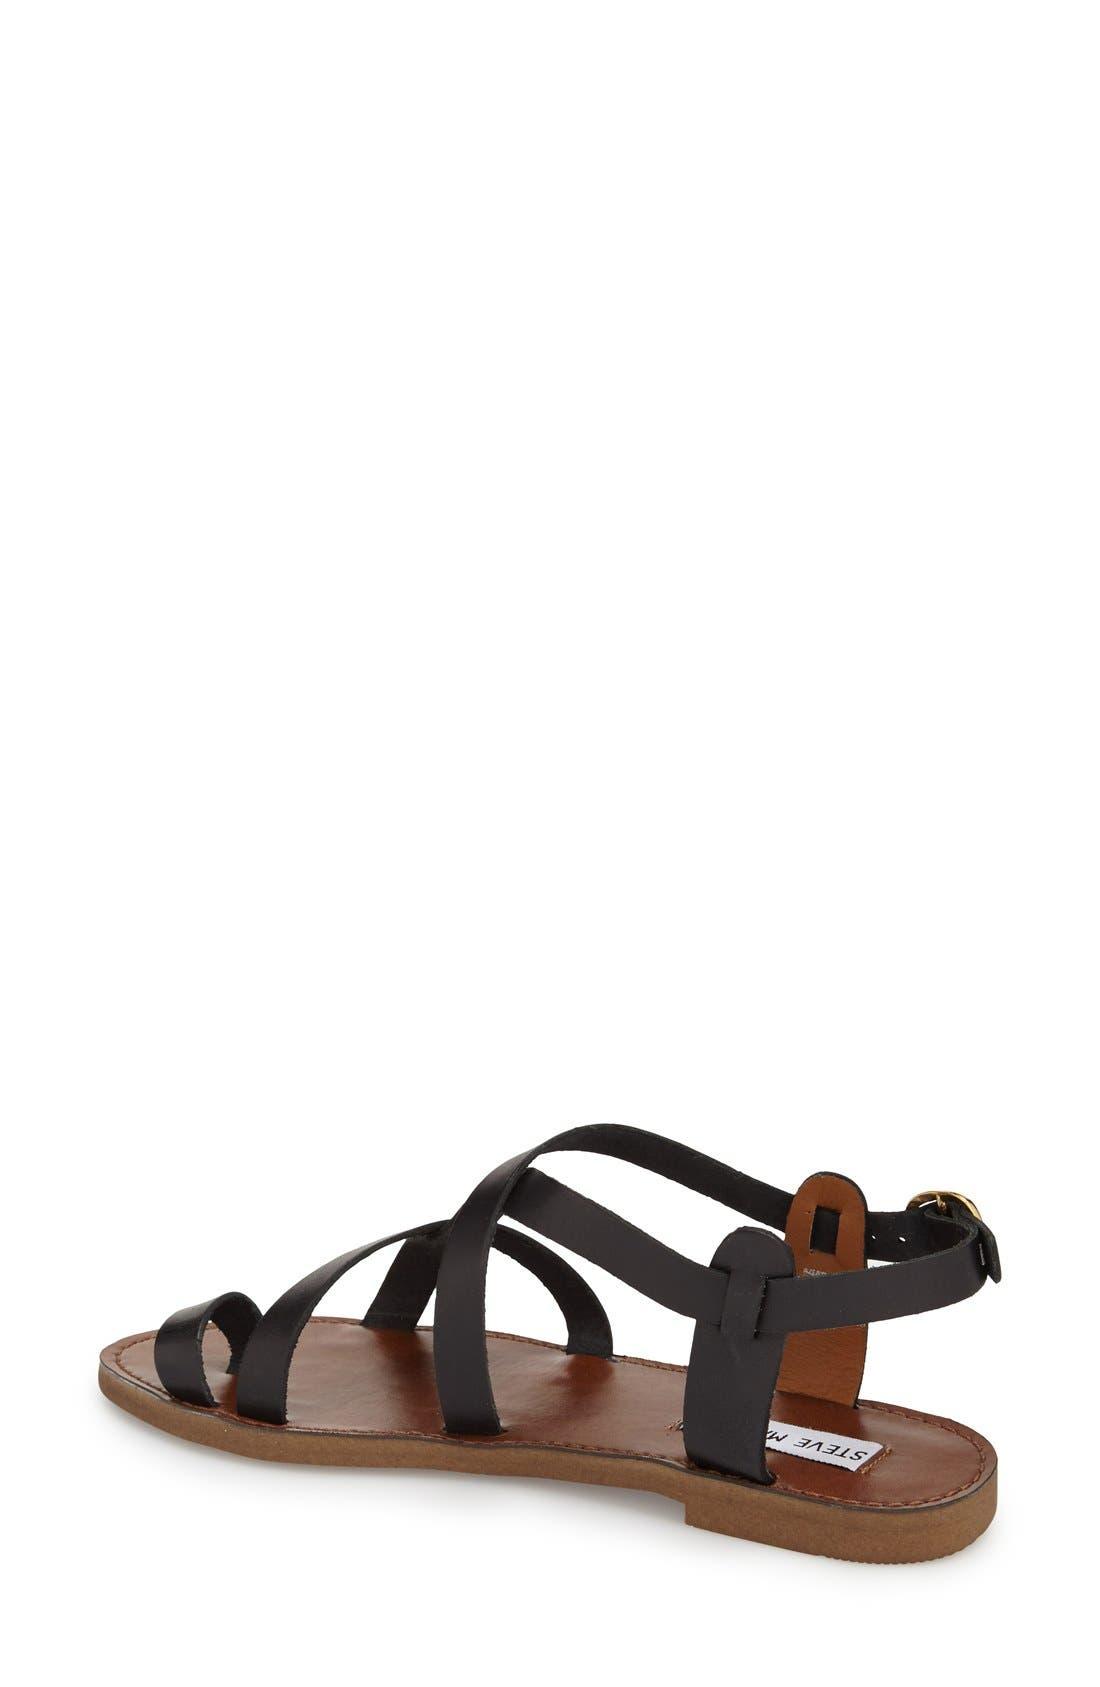 Alternate Image 2  - Steve Madden 'Agathist' Leather Ankle Strap Sandal (Women)